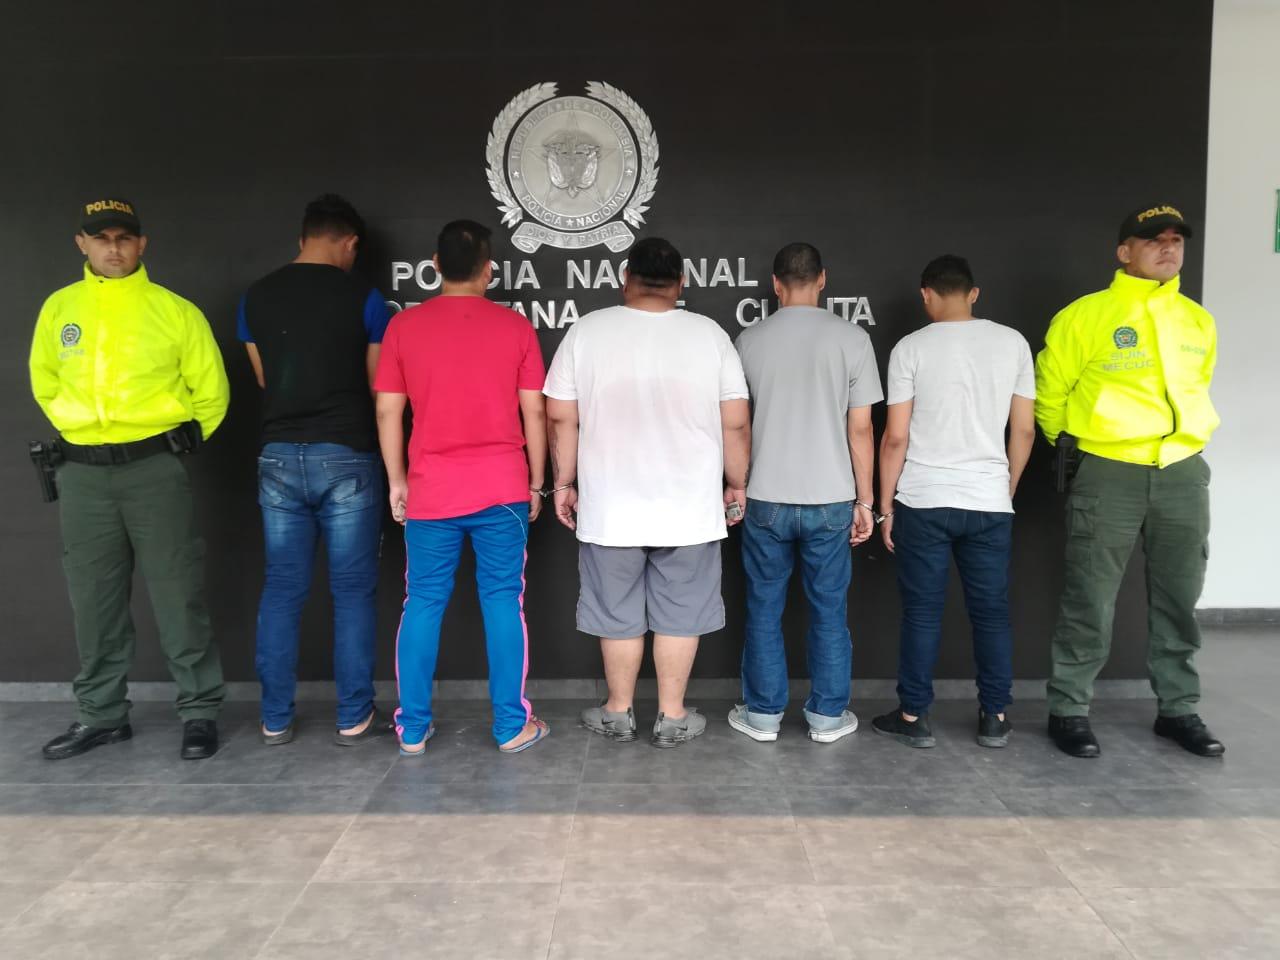 Capturan cinco personas por hurto de celulares en Cúcuta   EL FRENTE